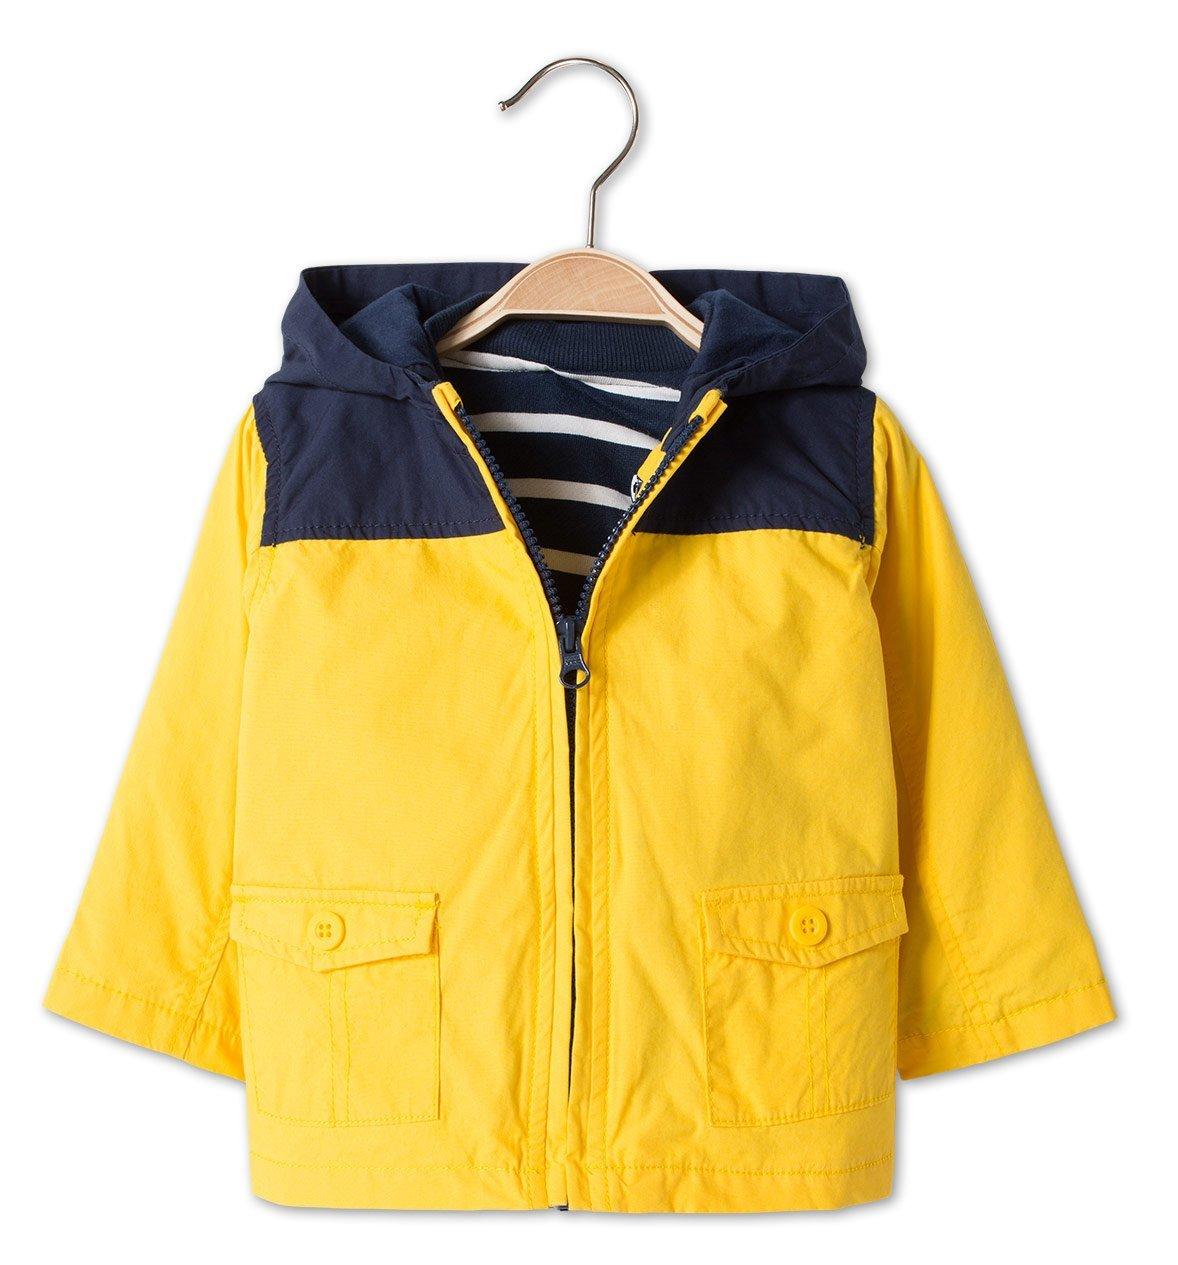 Lentekleding voor mijn dreumes lentejas voor baby en peuter blau geel zeiljasje budgetkleding favorieten lentekleding